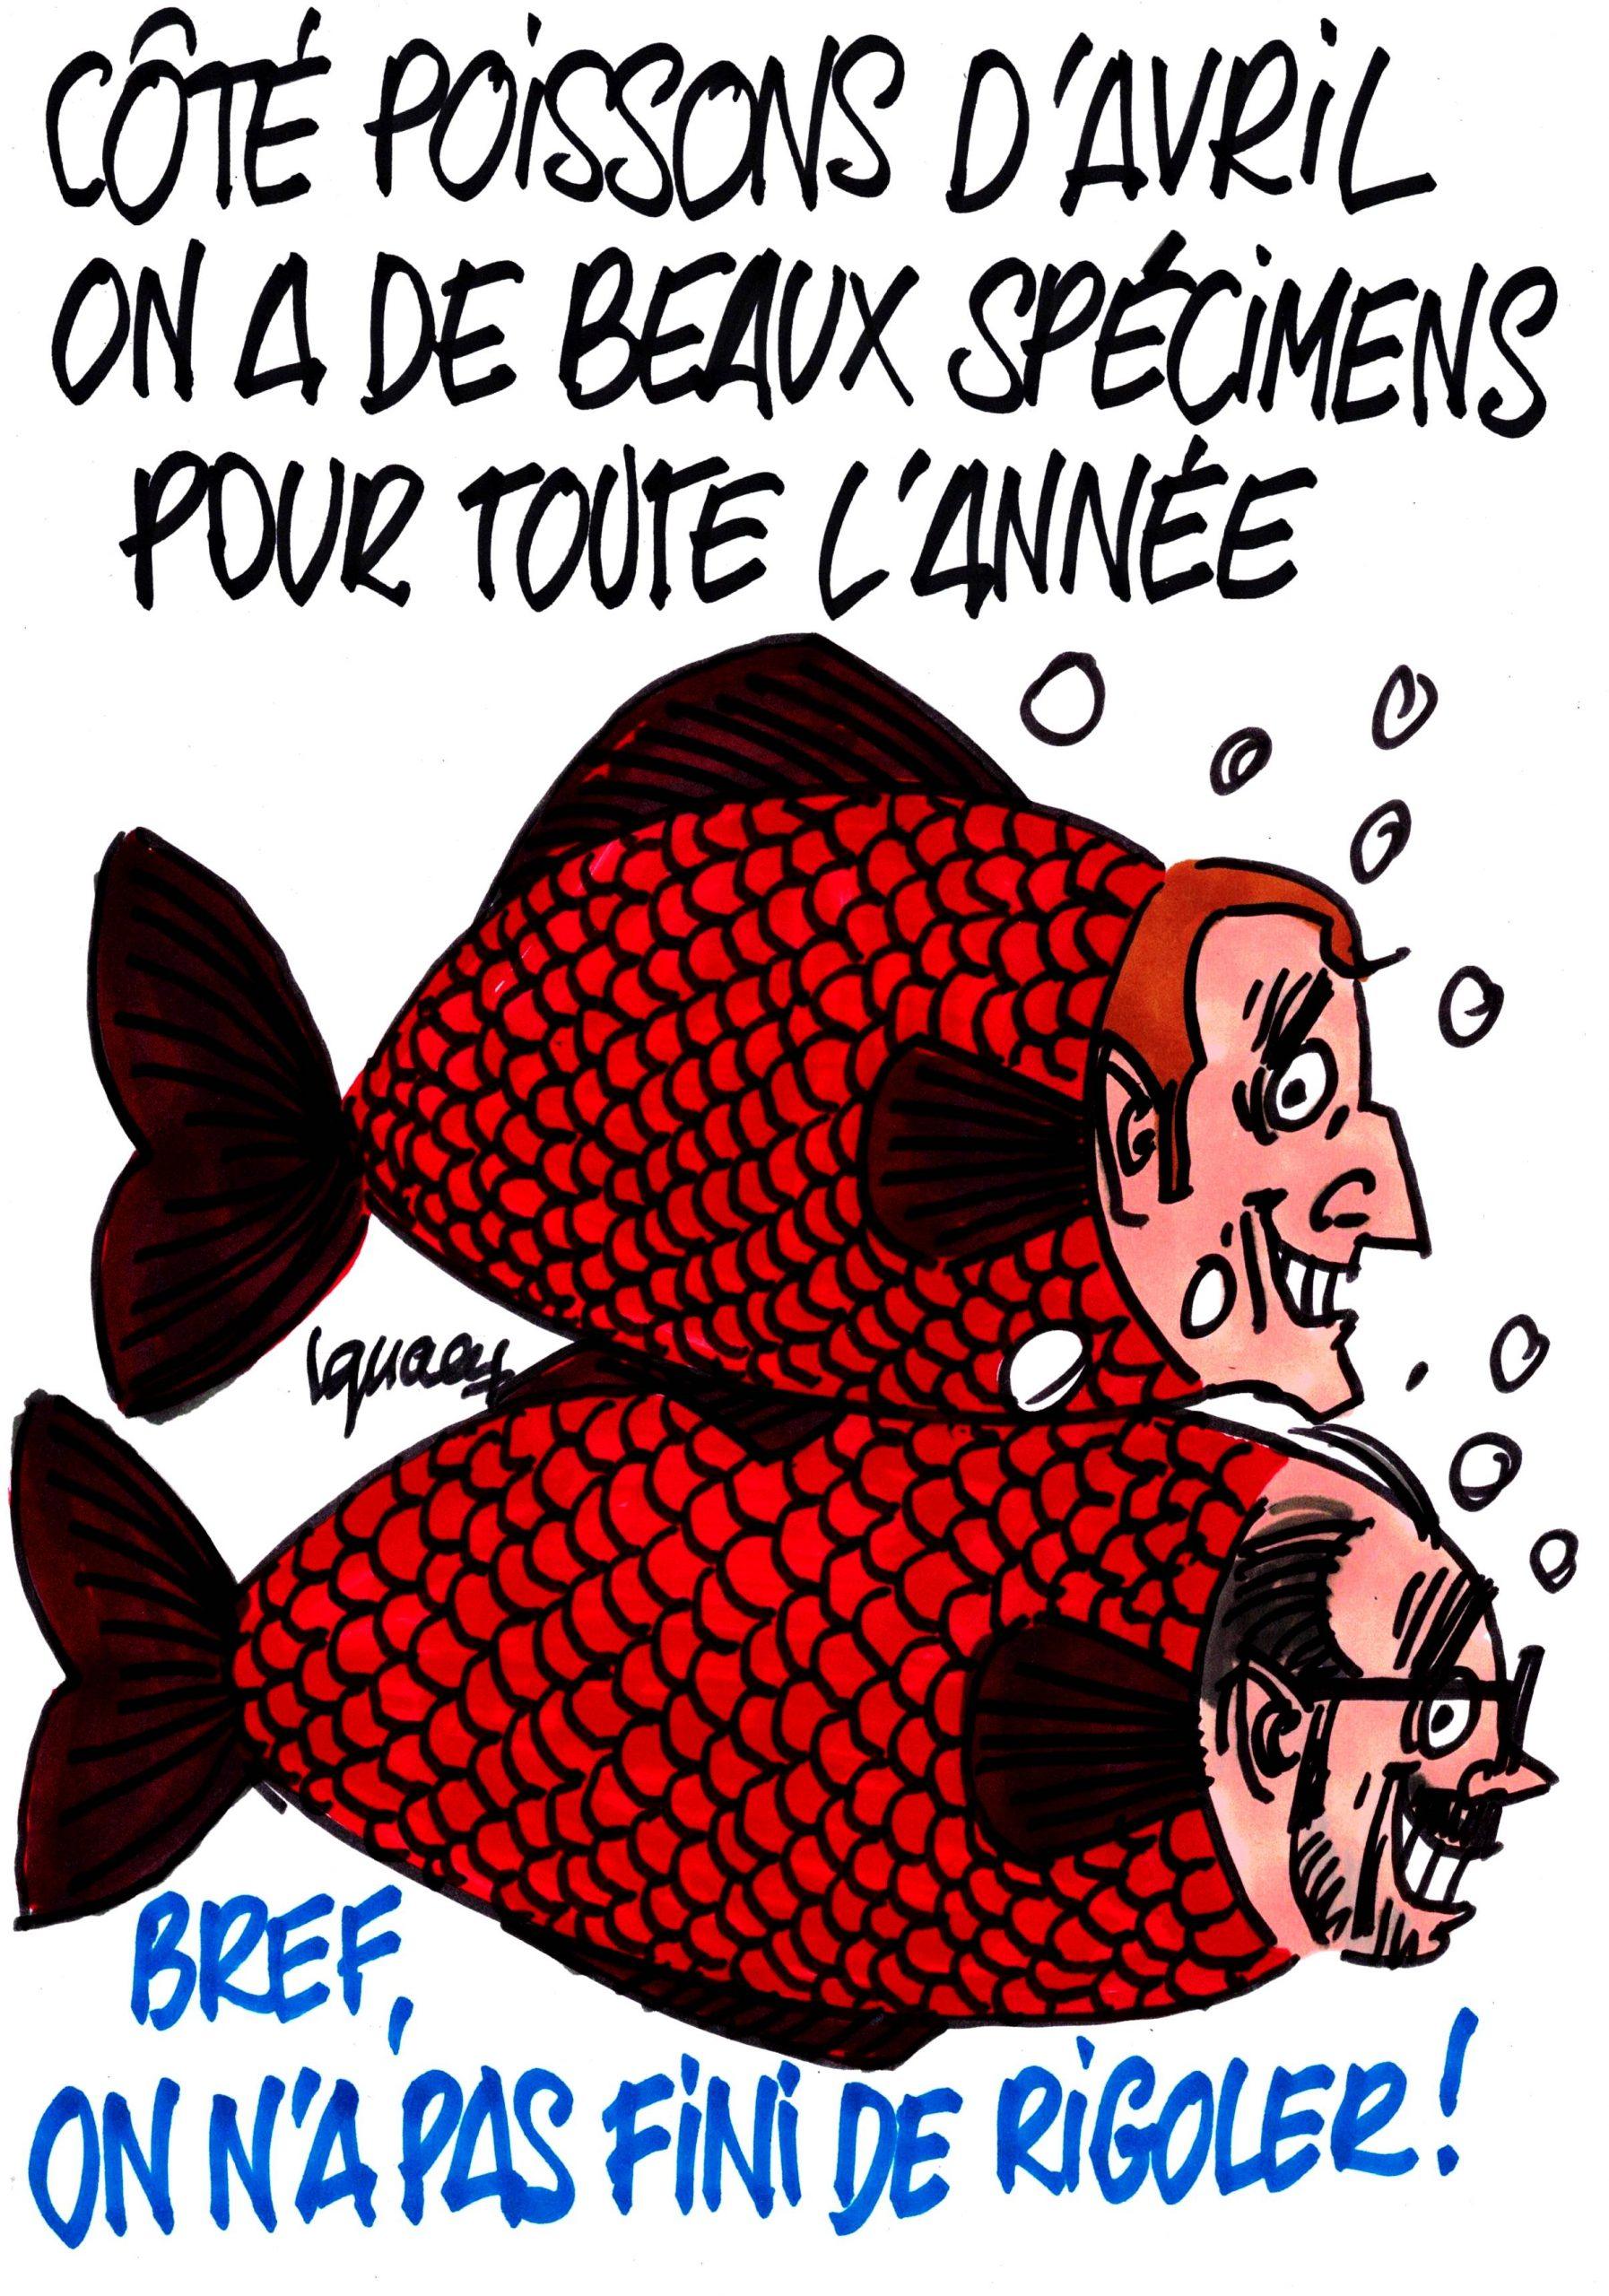 Ignace - Beaux spécimens de poissons d'avril